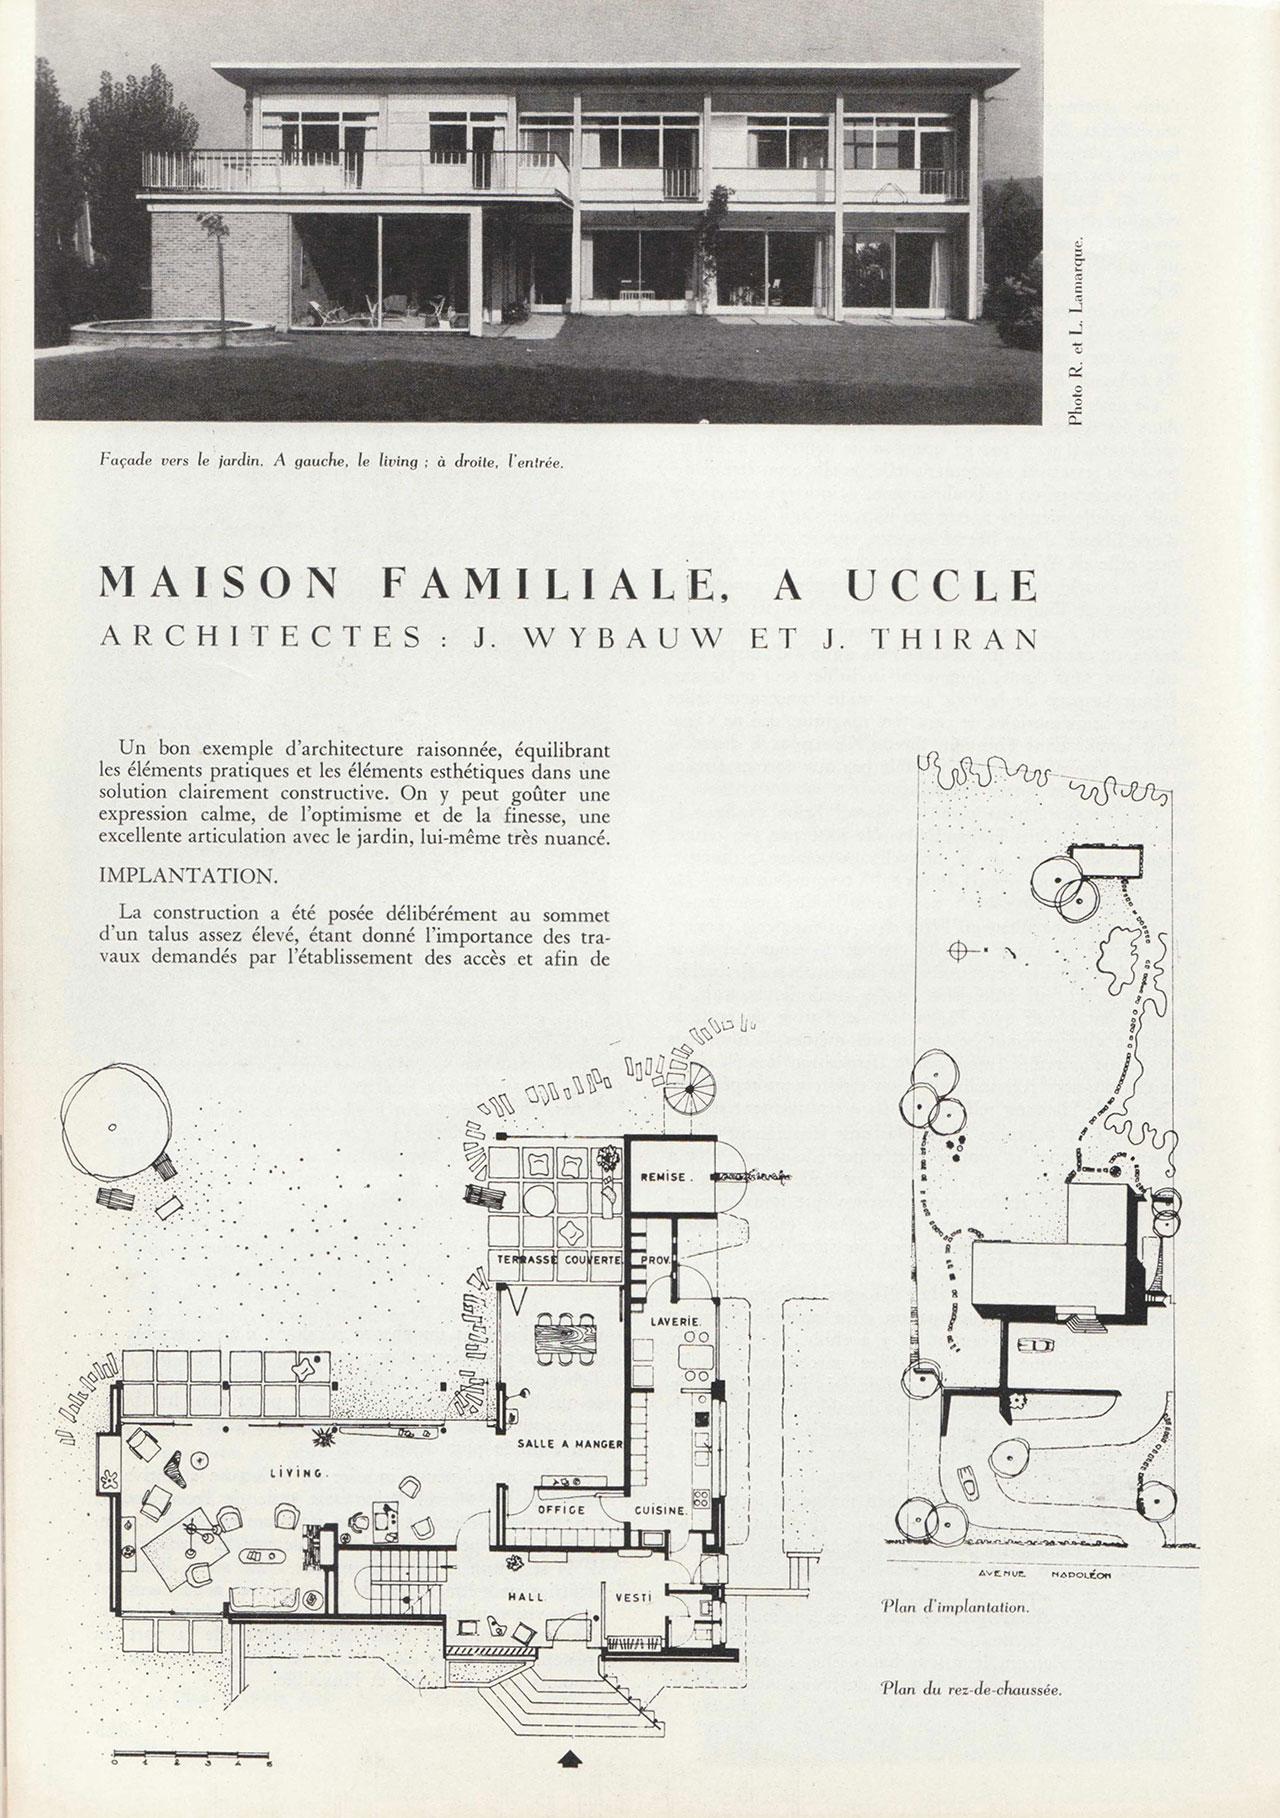 Maison familiale à Uccle